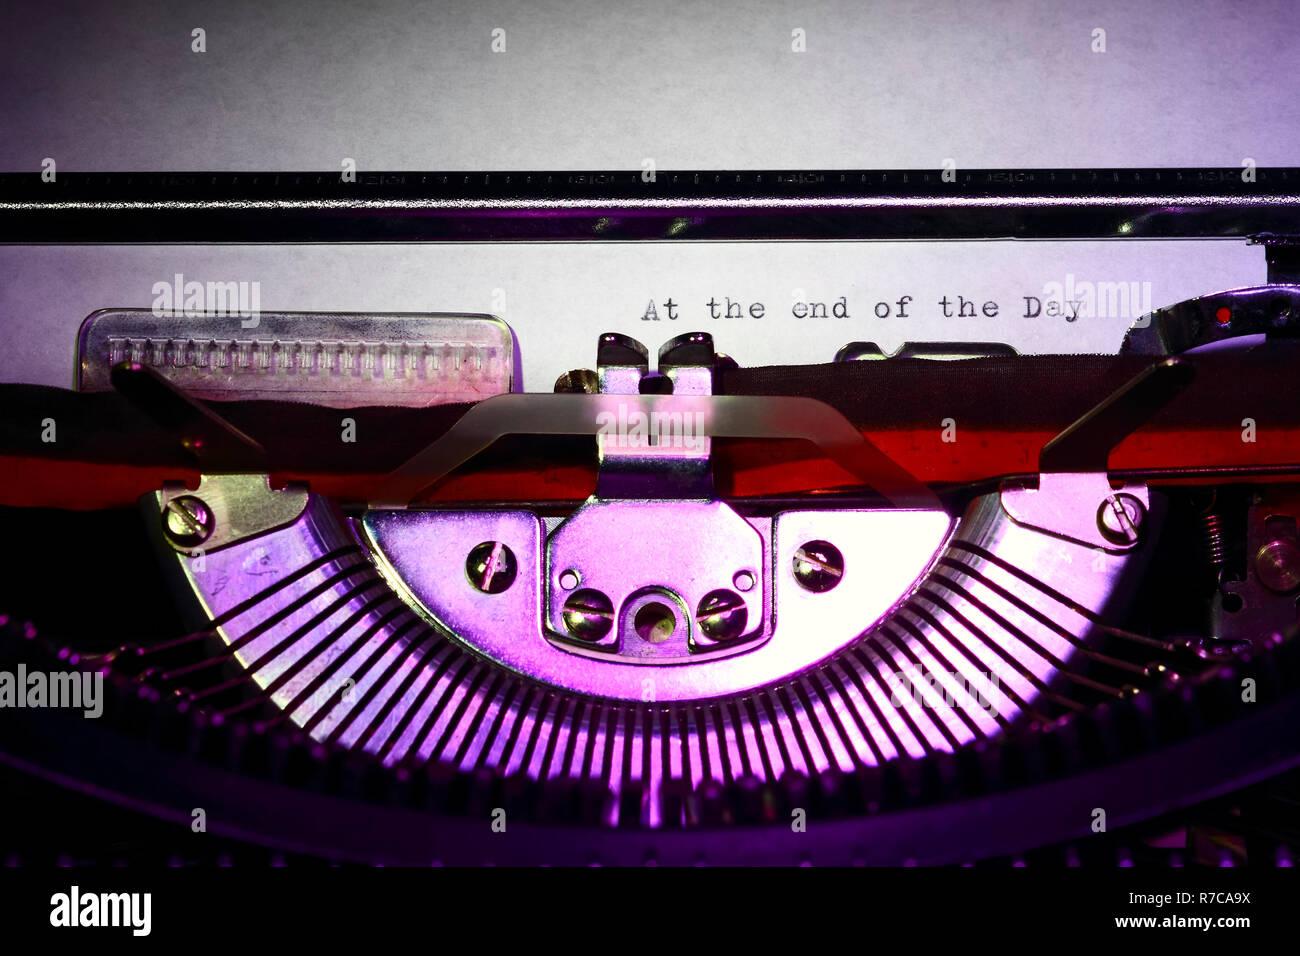 Vintage Schreibmaschine mit der Phrase, die am Ende des Tages auf einen Brief drucken Stockfoto